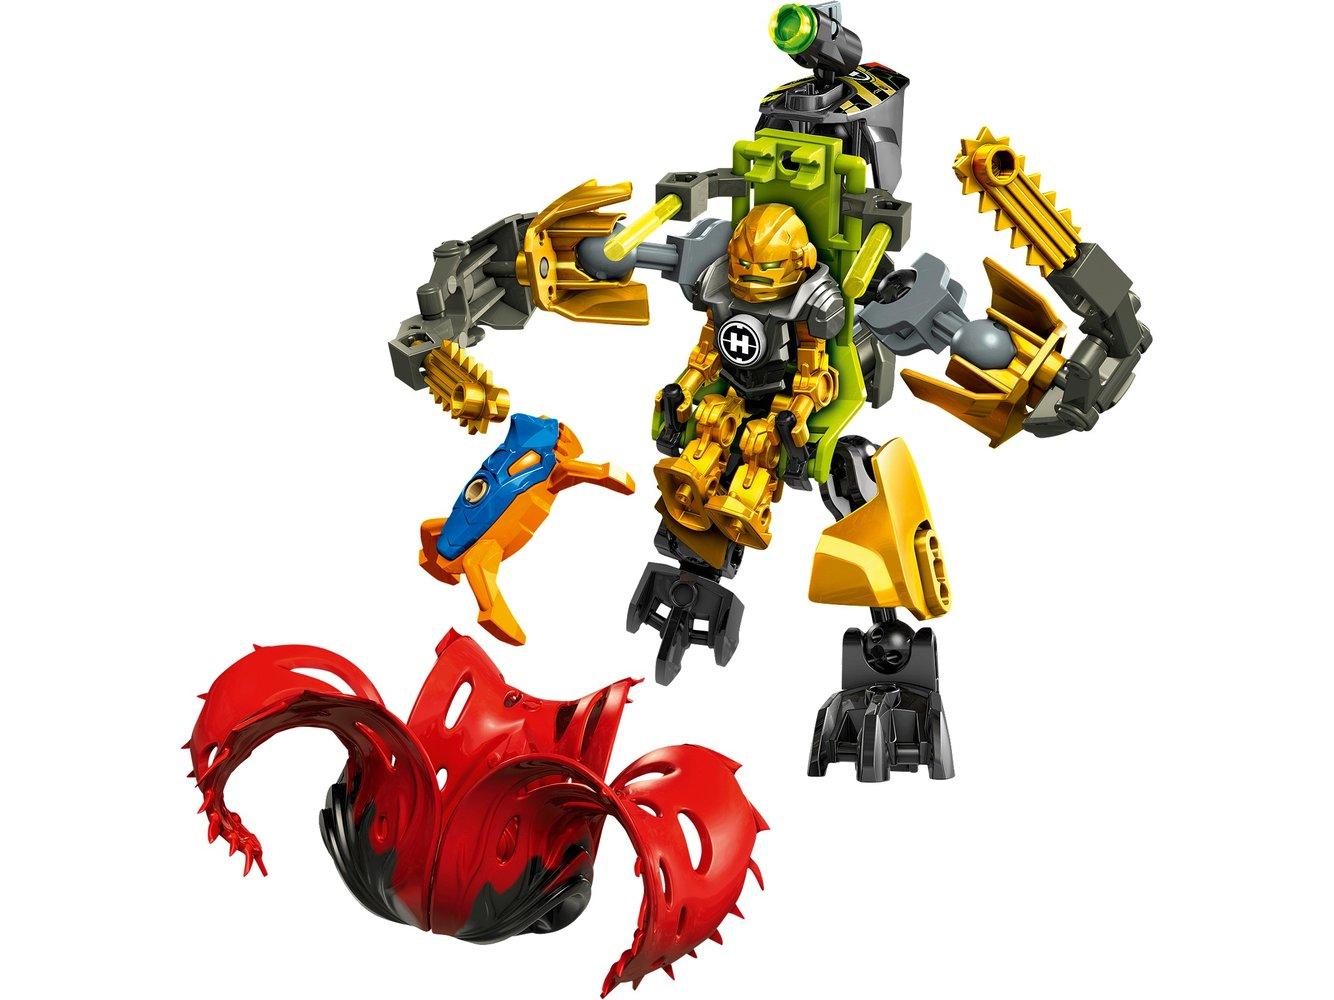 ROCKA Crawler